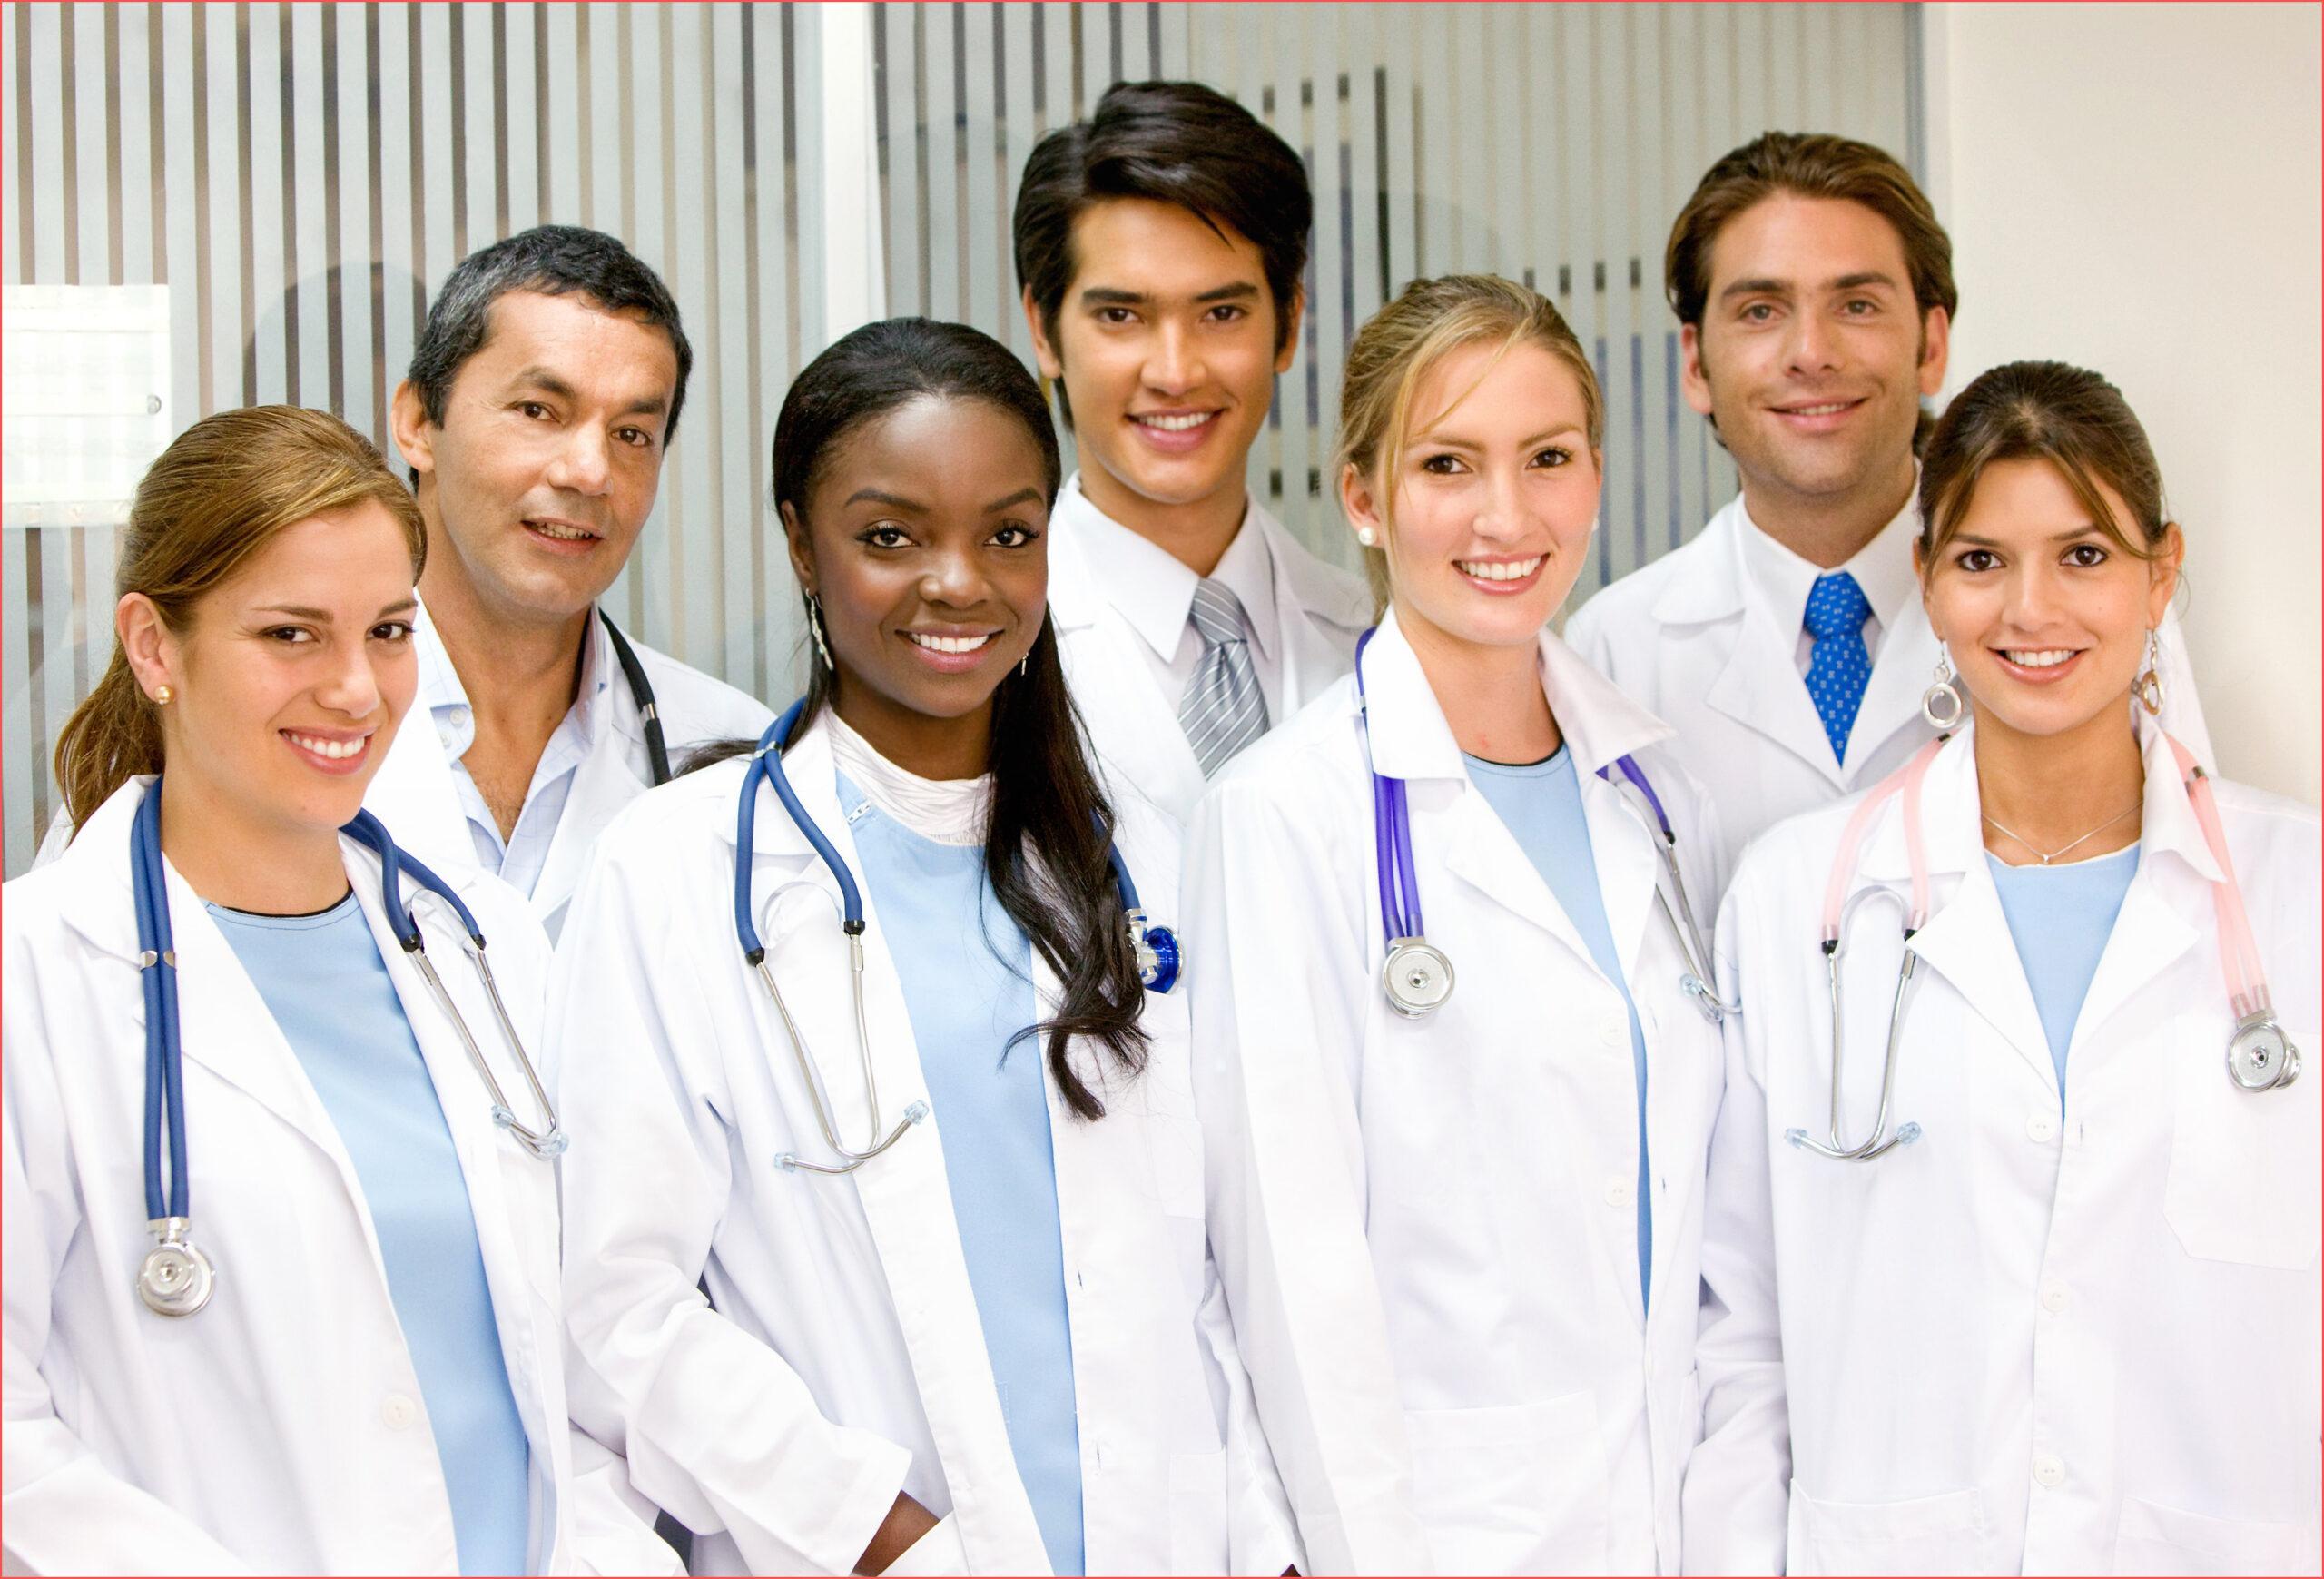 دراسة الطب في تركيا الدليل الكامل خطوة بخطوة